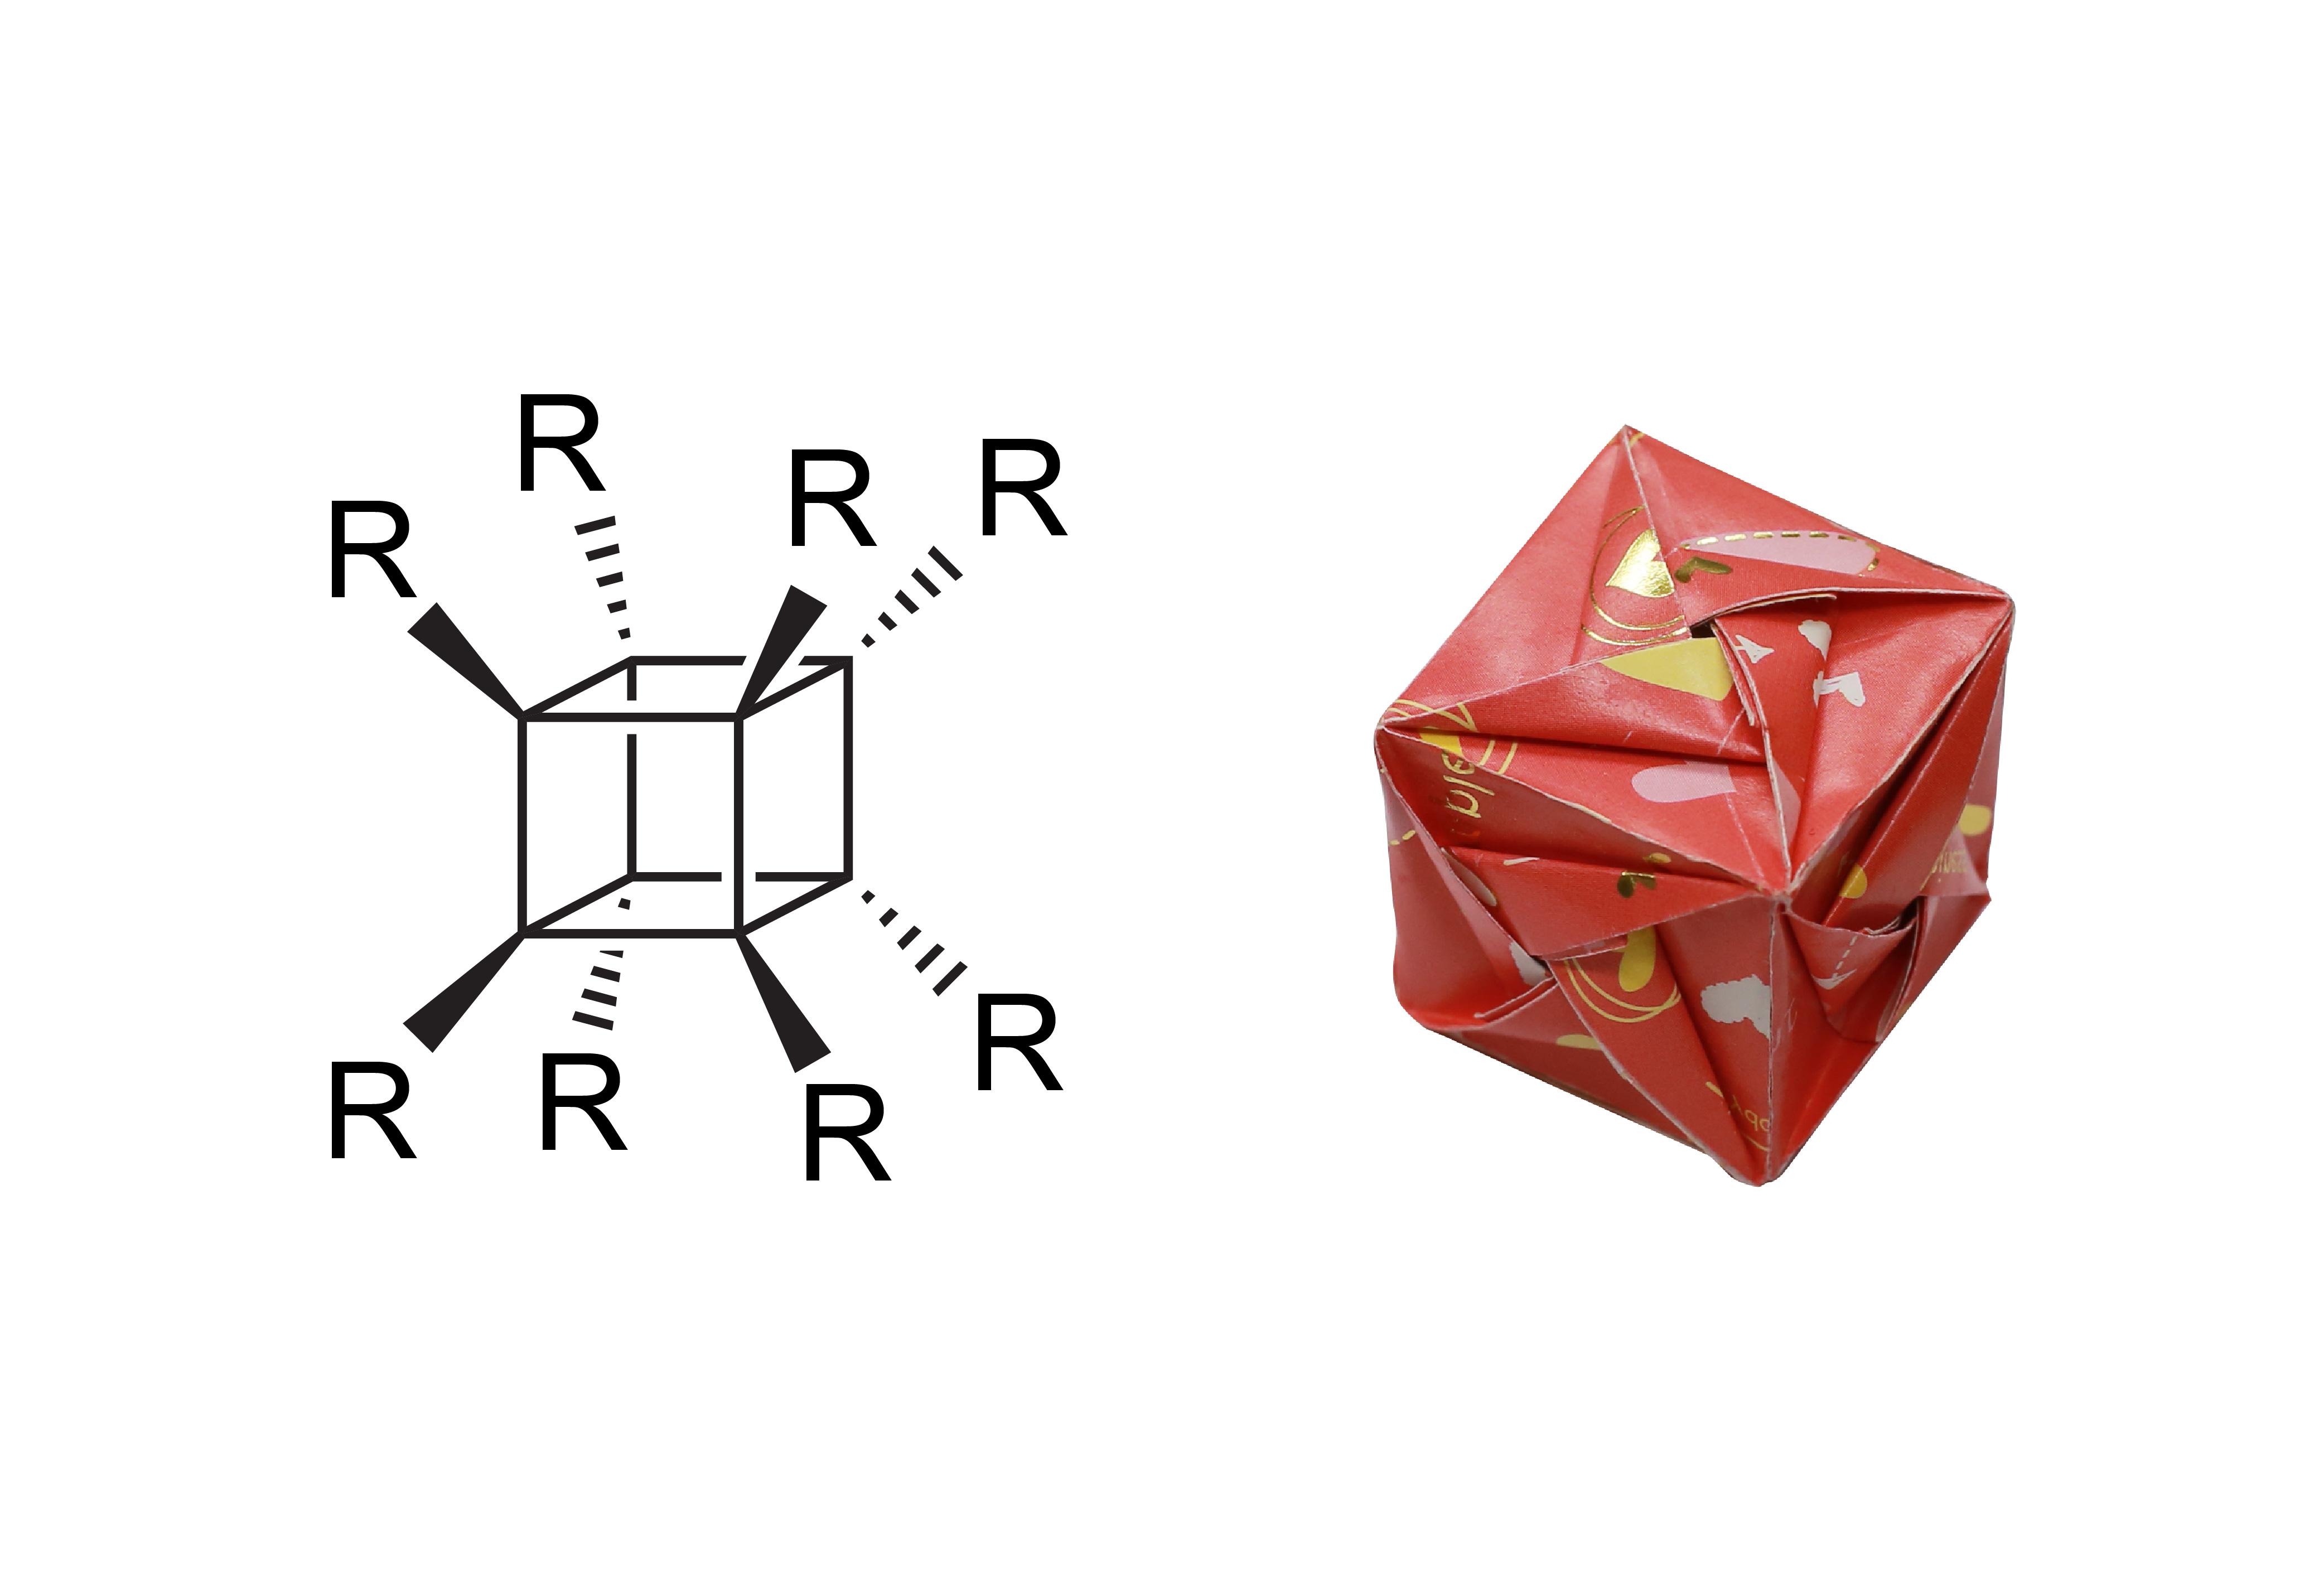 若 R = H,則為立方烷。立方烷由人工合成,呈現正四方體,如摺紙所示。八個頂點都是碳原子,並各自接了一個氫原子。若 R = NO2,則為八硝基立方烷。同樣是正四方體,除了 90 度的角張力較大,八個頂點還各接上一個易爆的硝基官能團 (-NO2) ,因此爆炸能量非常強。圖│研之有物(資料來源│Wikipedia;摺紙示範│洪上程)